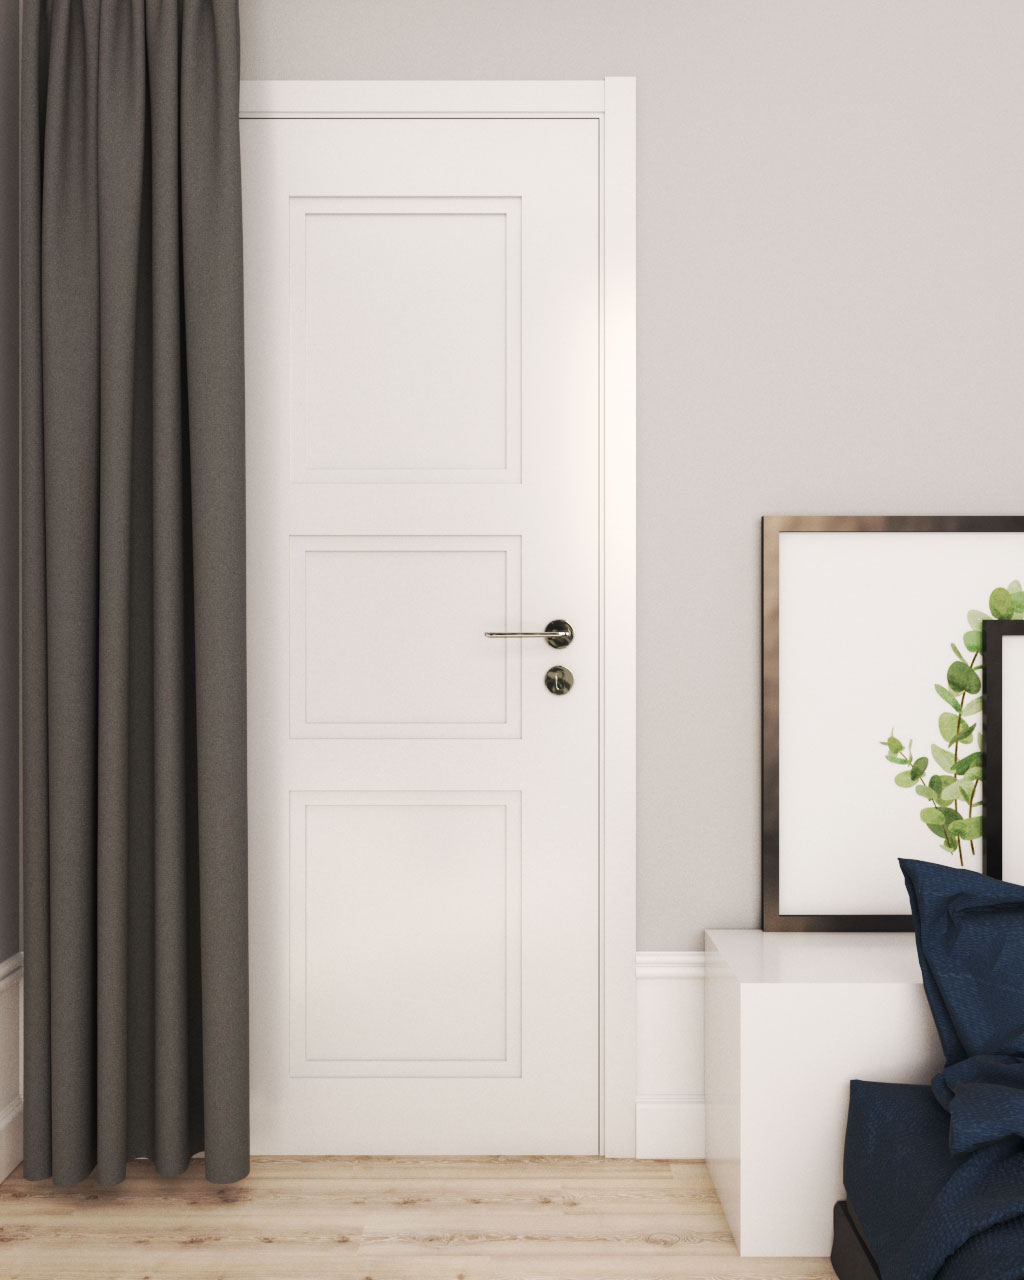 15 Creative Bedroom Door Ideas Cool Bedroom Door Decorations With Images Roomdsign Com